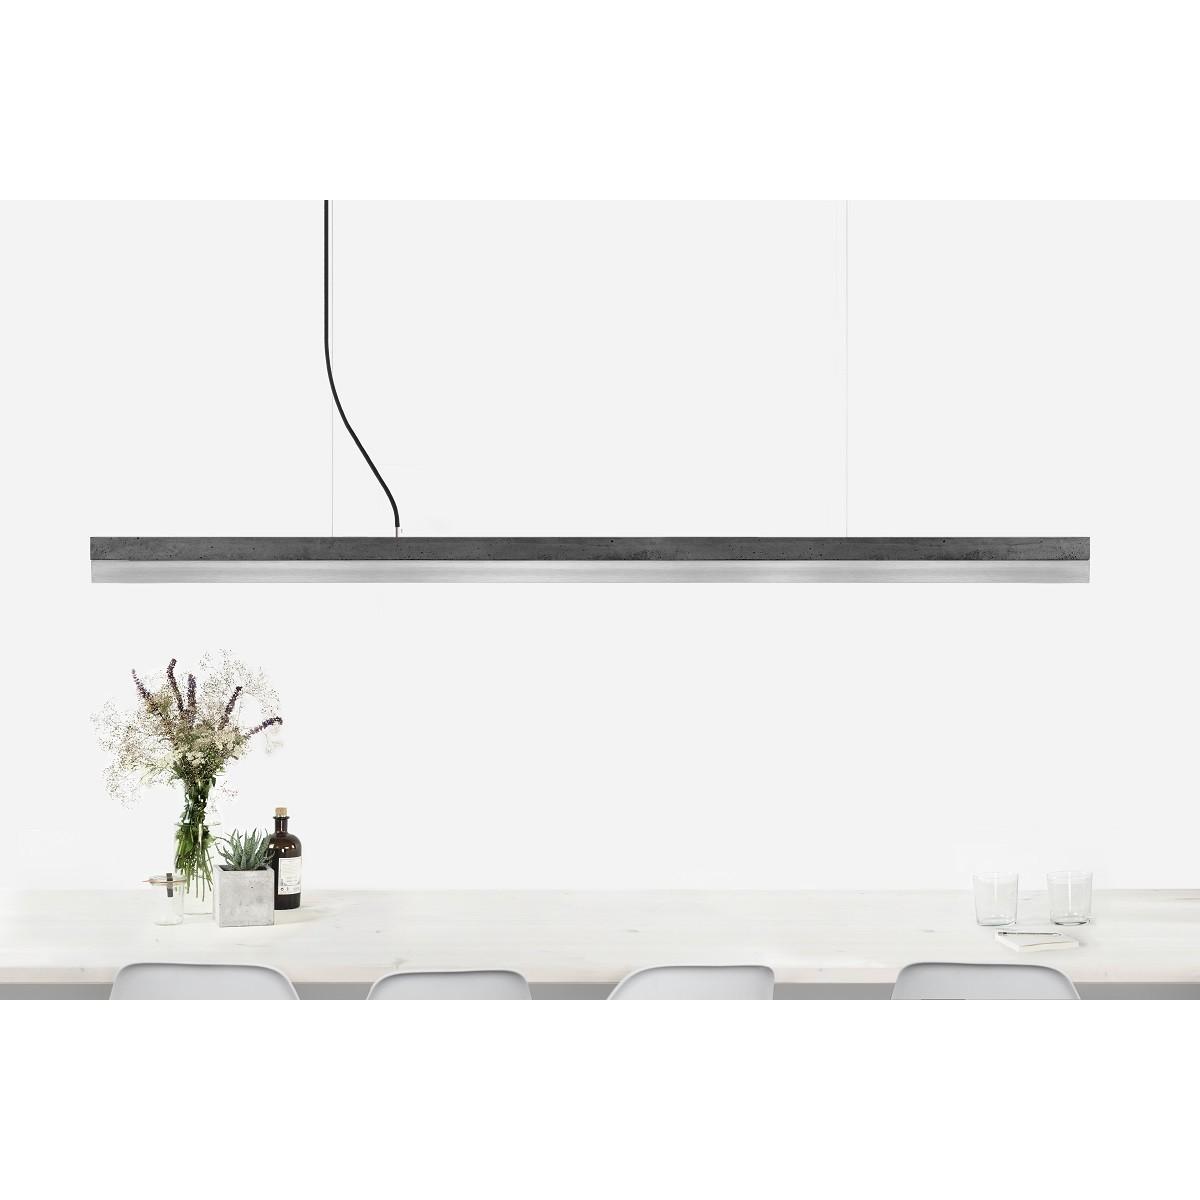 GANTlights - Beton Hängeleuchte [C3]dark/stainless steel Lampe Edelstahl minimalistisch